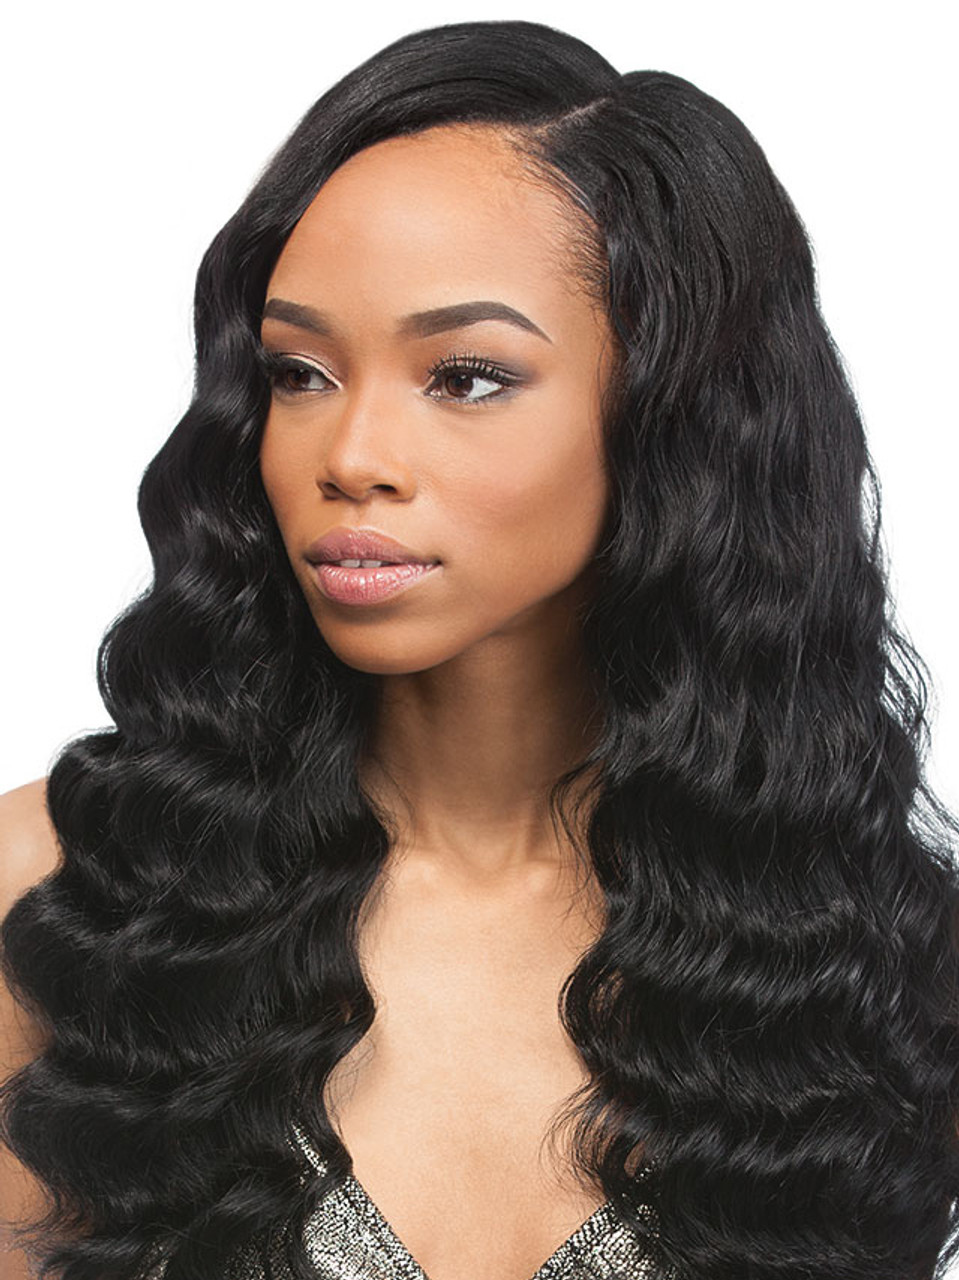 Velvet Brazilian Beach Wave 14 Human Hair Weave Extensions Uptownwigs